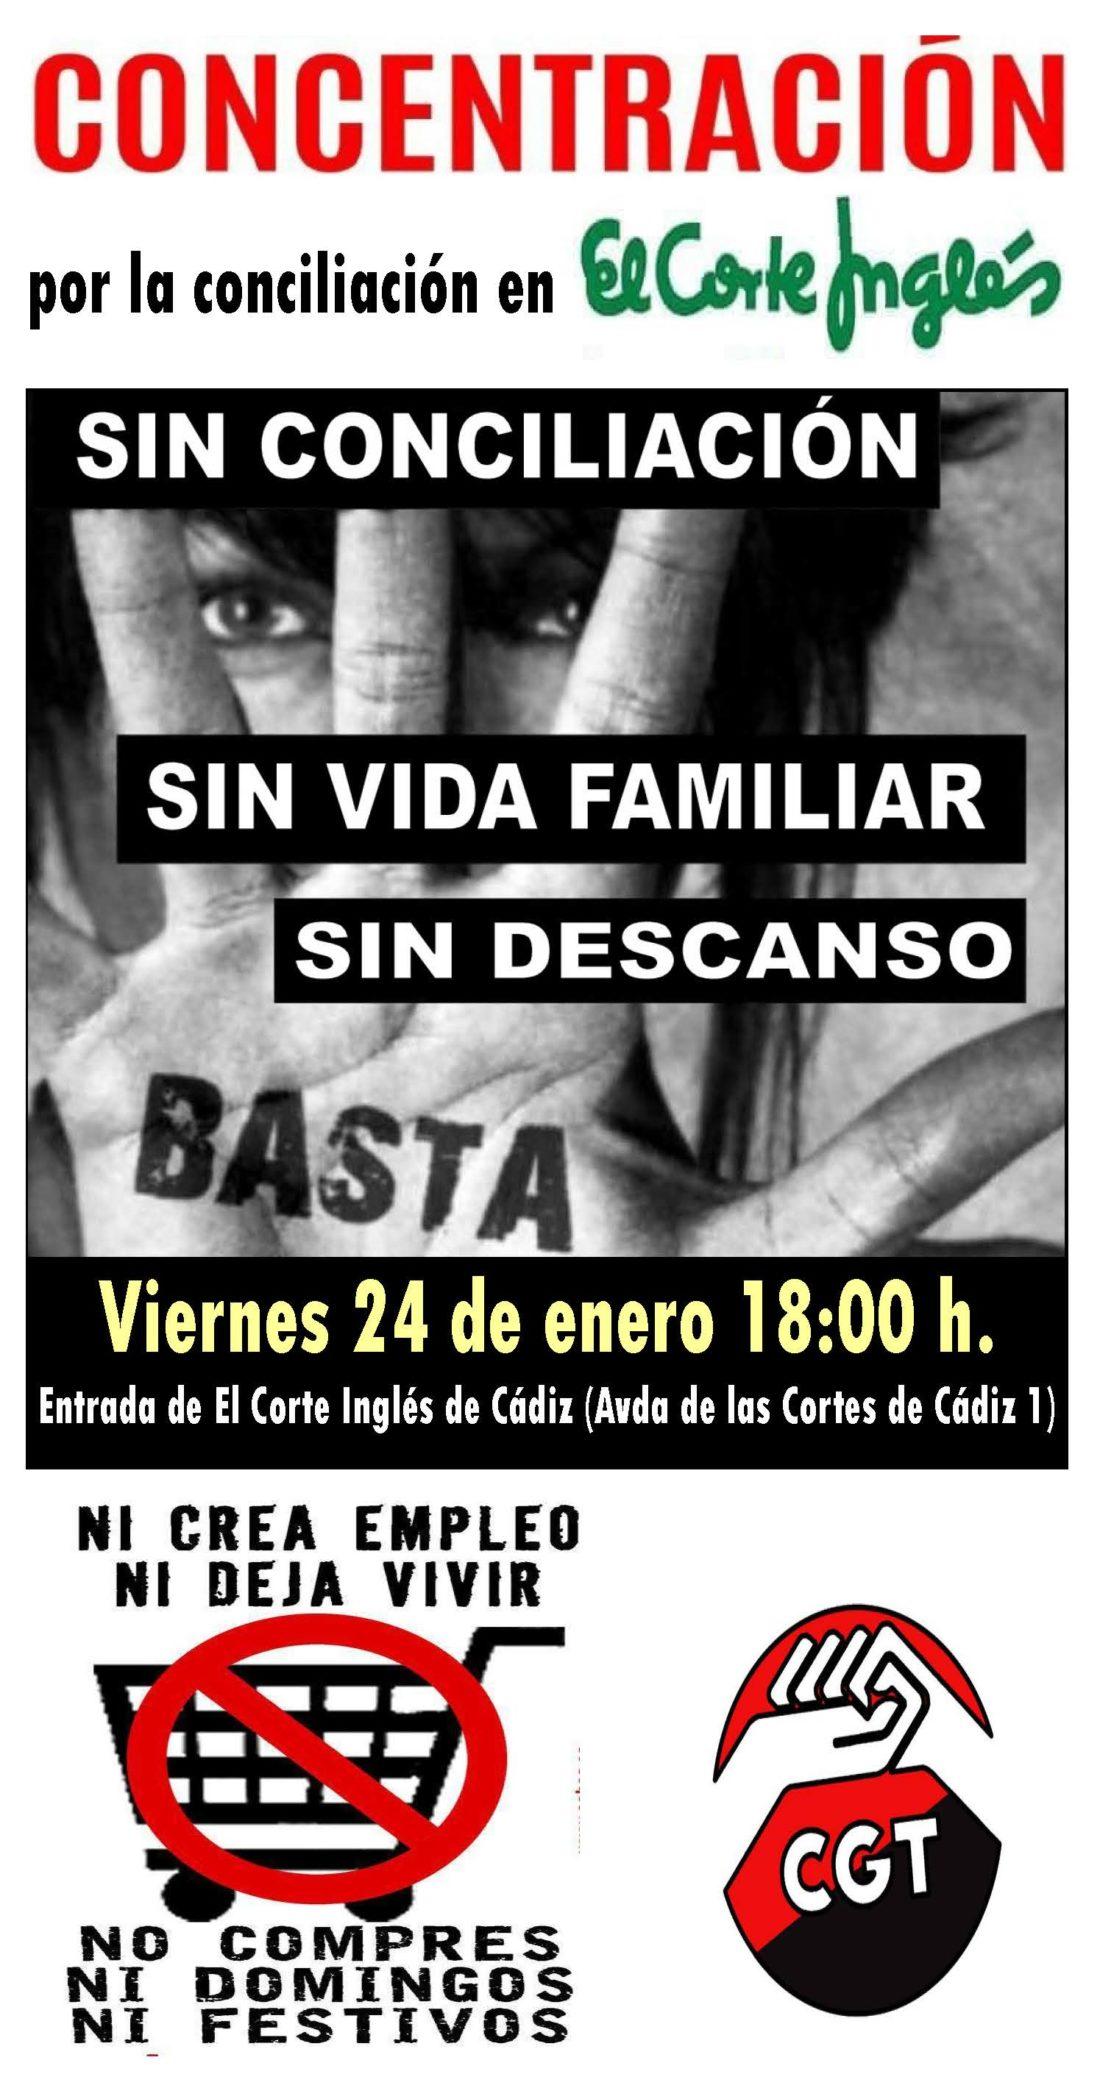 CGT convoca una concentración en el Corte Inglés de Cádiz el viernes 24 de enero a las 18:00 horas para denunciar la  imposibilidad de la conciliación familiar